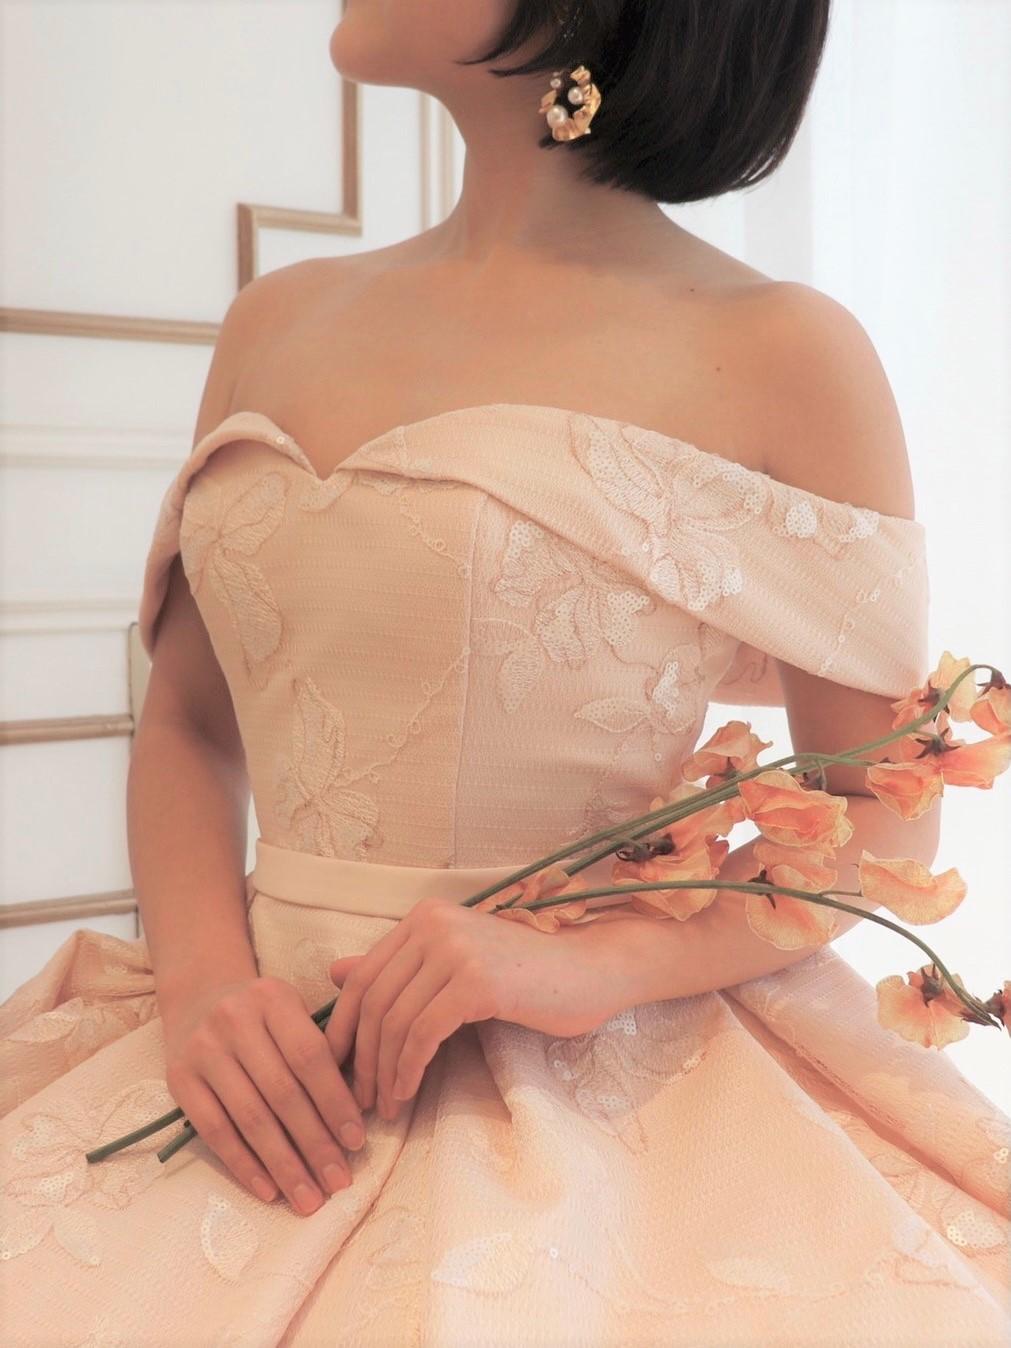 グリーン溢れる会場でアットホームでナチュラルなパーティーがイメージの花嫁におすすめのザトリートドレッシング名古屋店にて人気の淡いピンクのカラードレス